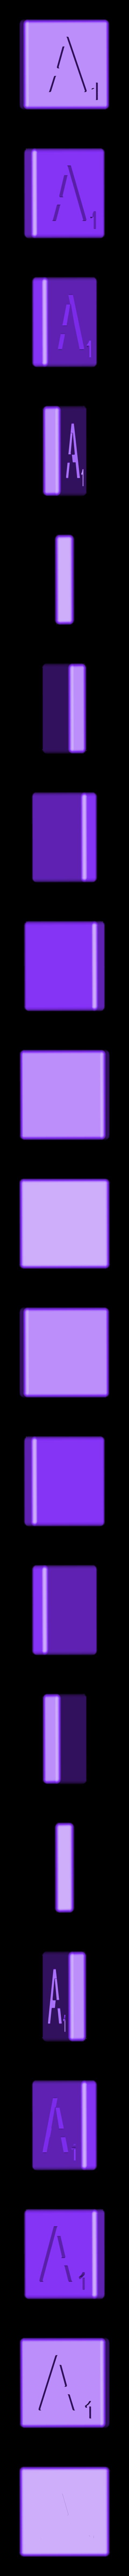 Dual_Shell_A.STL Télécharger fichier STL gratuit Pièces et support SCRABBBLE • Design pour imprimante 3D, Balkhagal4D